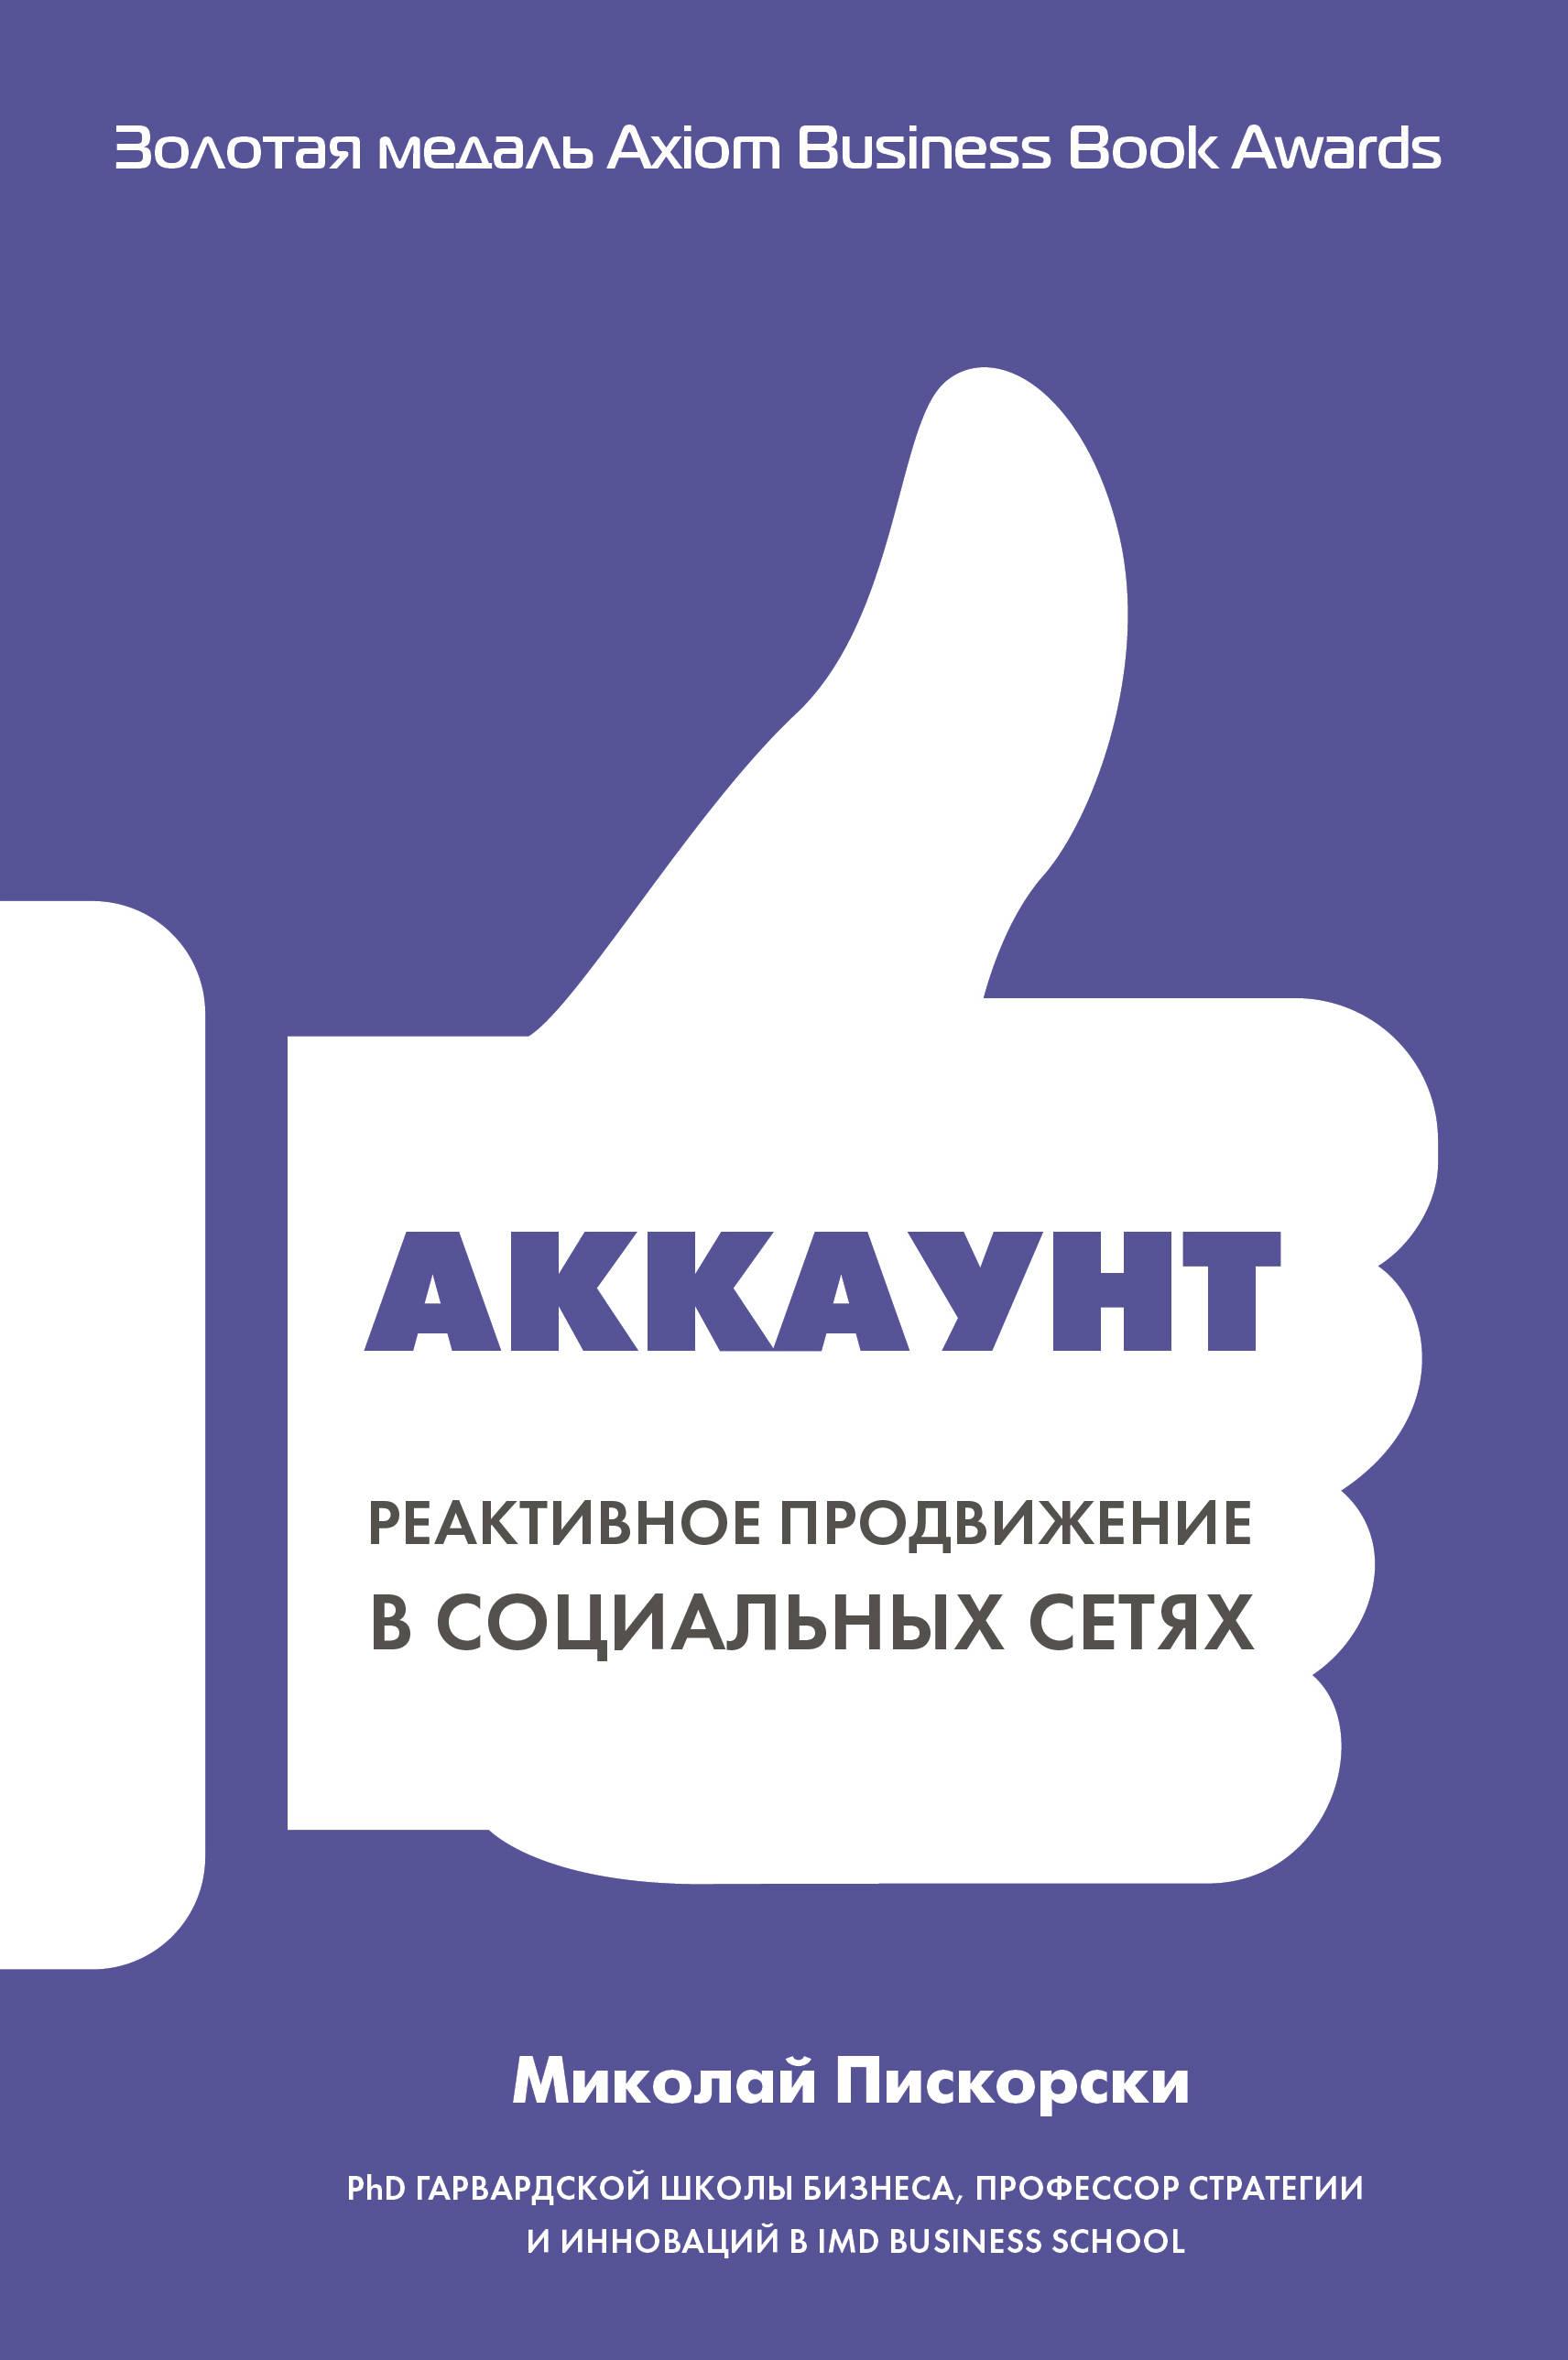 Пискорски Миколай Ян Аккаунт. Реактивное продвижение в социальных сетях